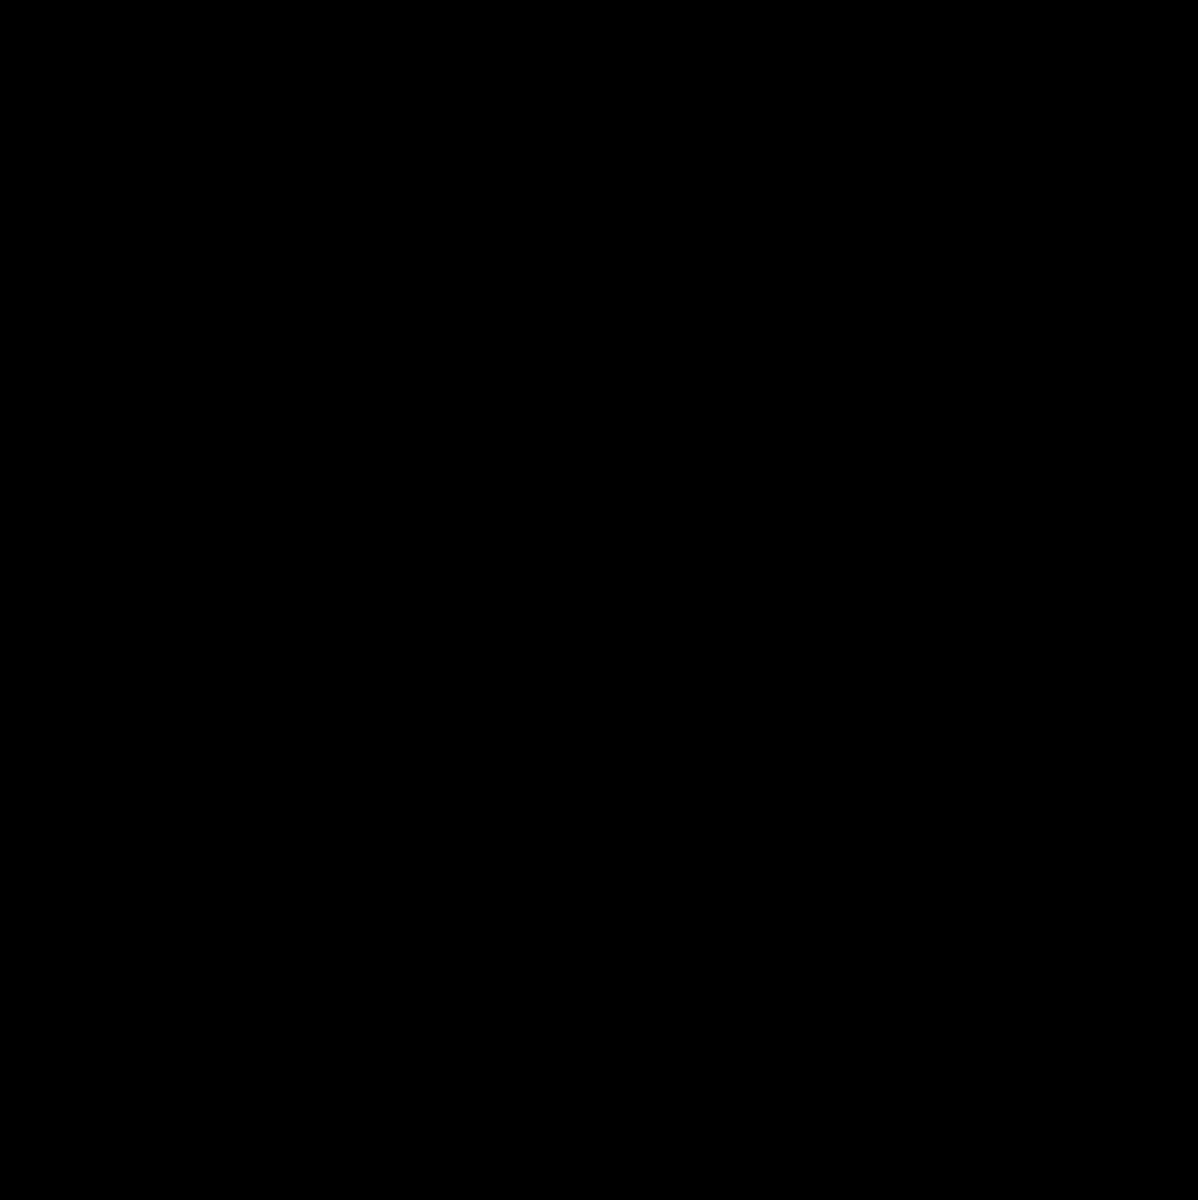 Gadgy® – Candy Grabber – Snoepgrijpmachine 2.0 met USB-kabel, muntjes, plastic eendjes, 5 muziekjes en timer – Snoepautomaat – werkt met USB-kabel of AA batterijen